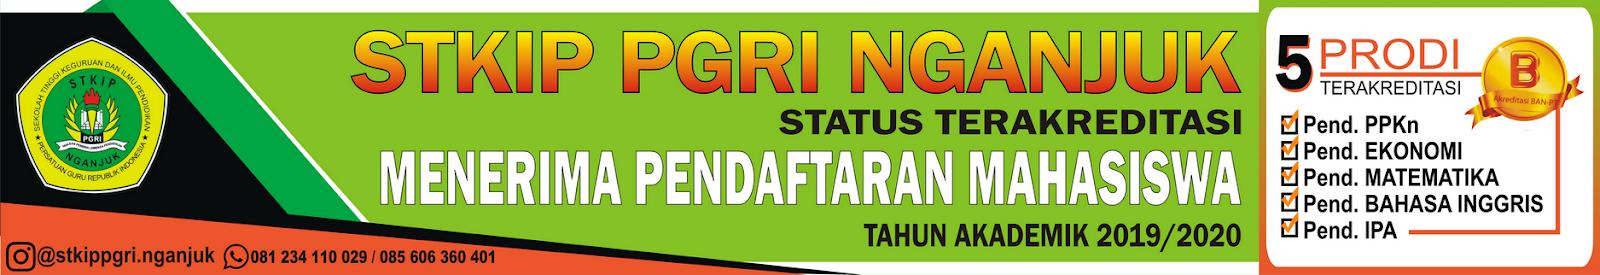 Penerimaan Mahasiswa Baru STKIP PGRI Nganjuk Tahun Ajaran 2019/2020